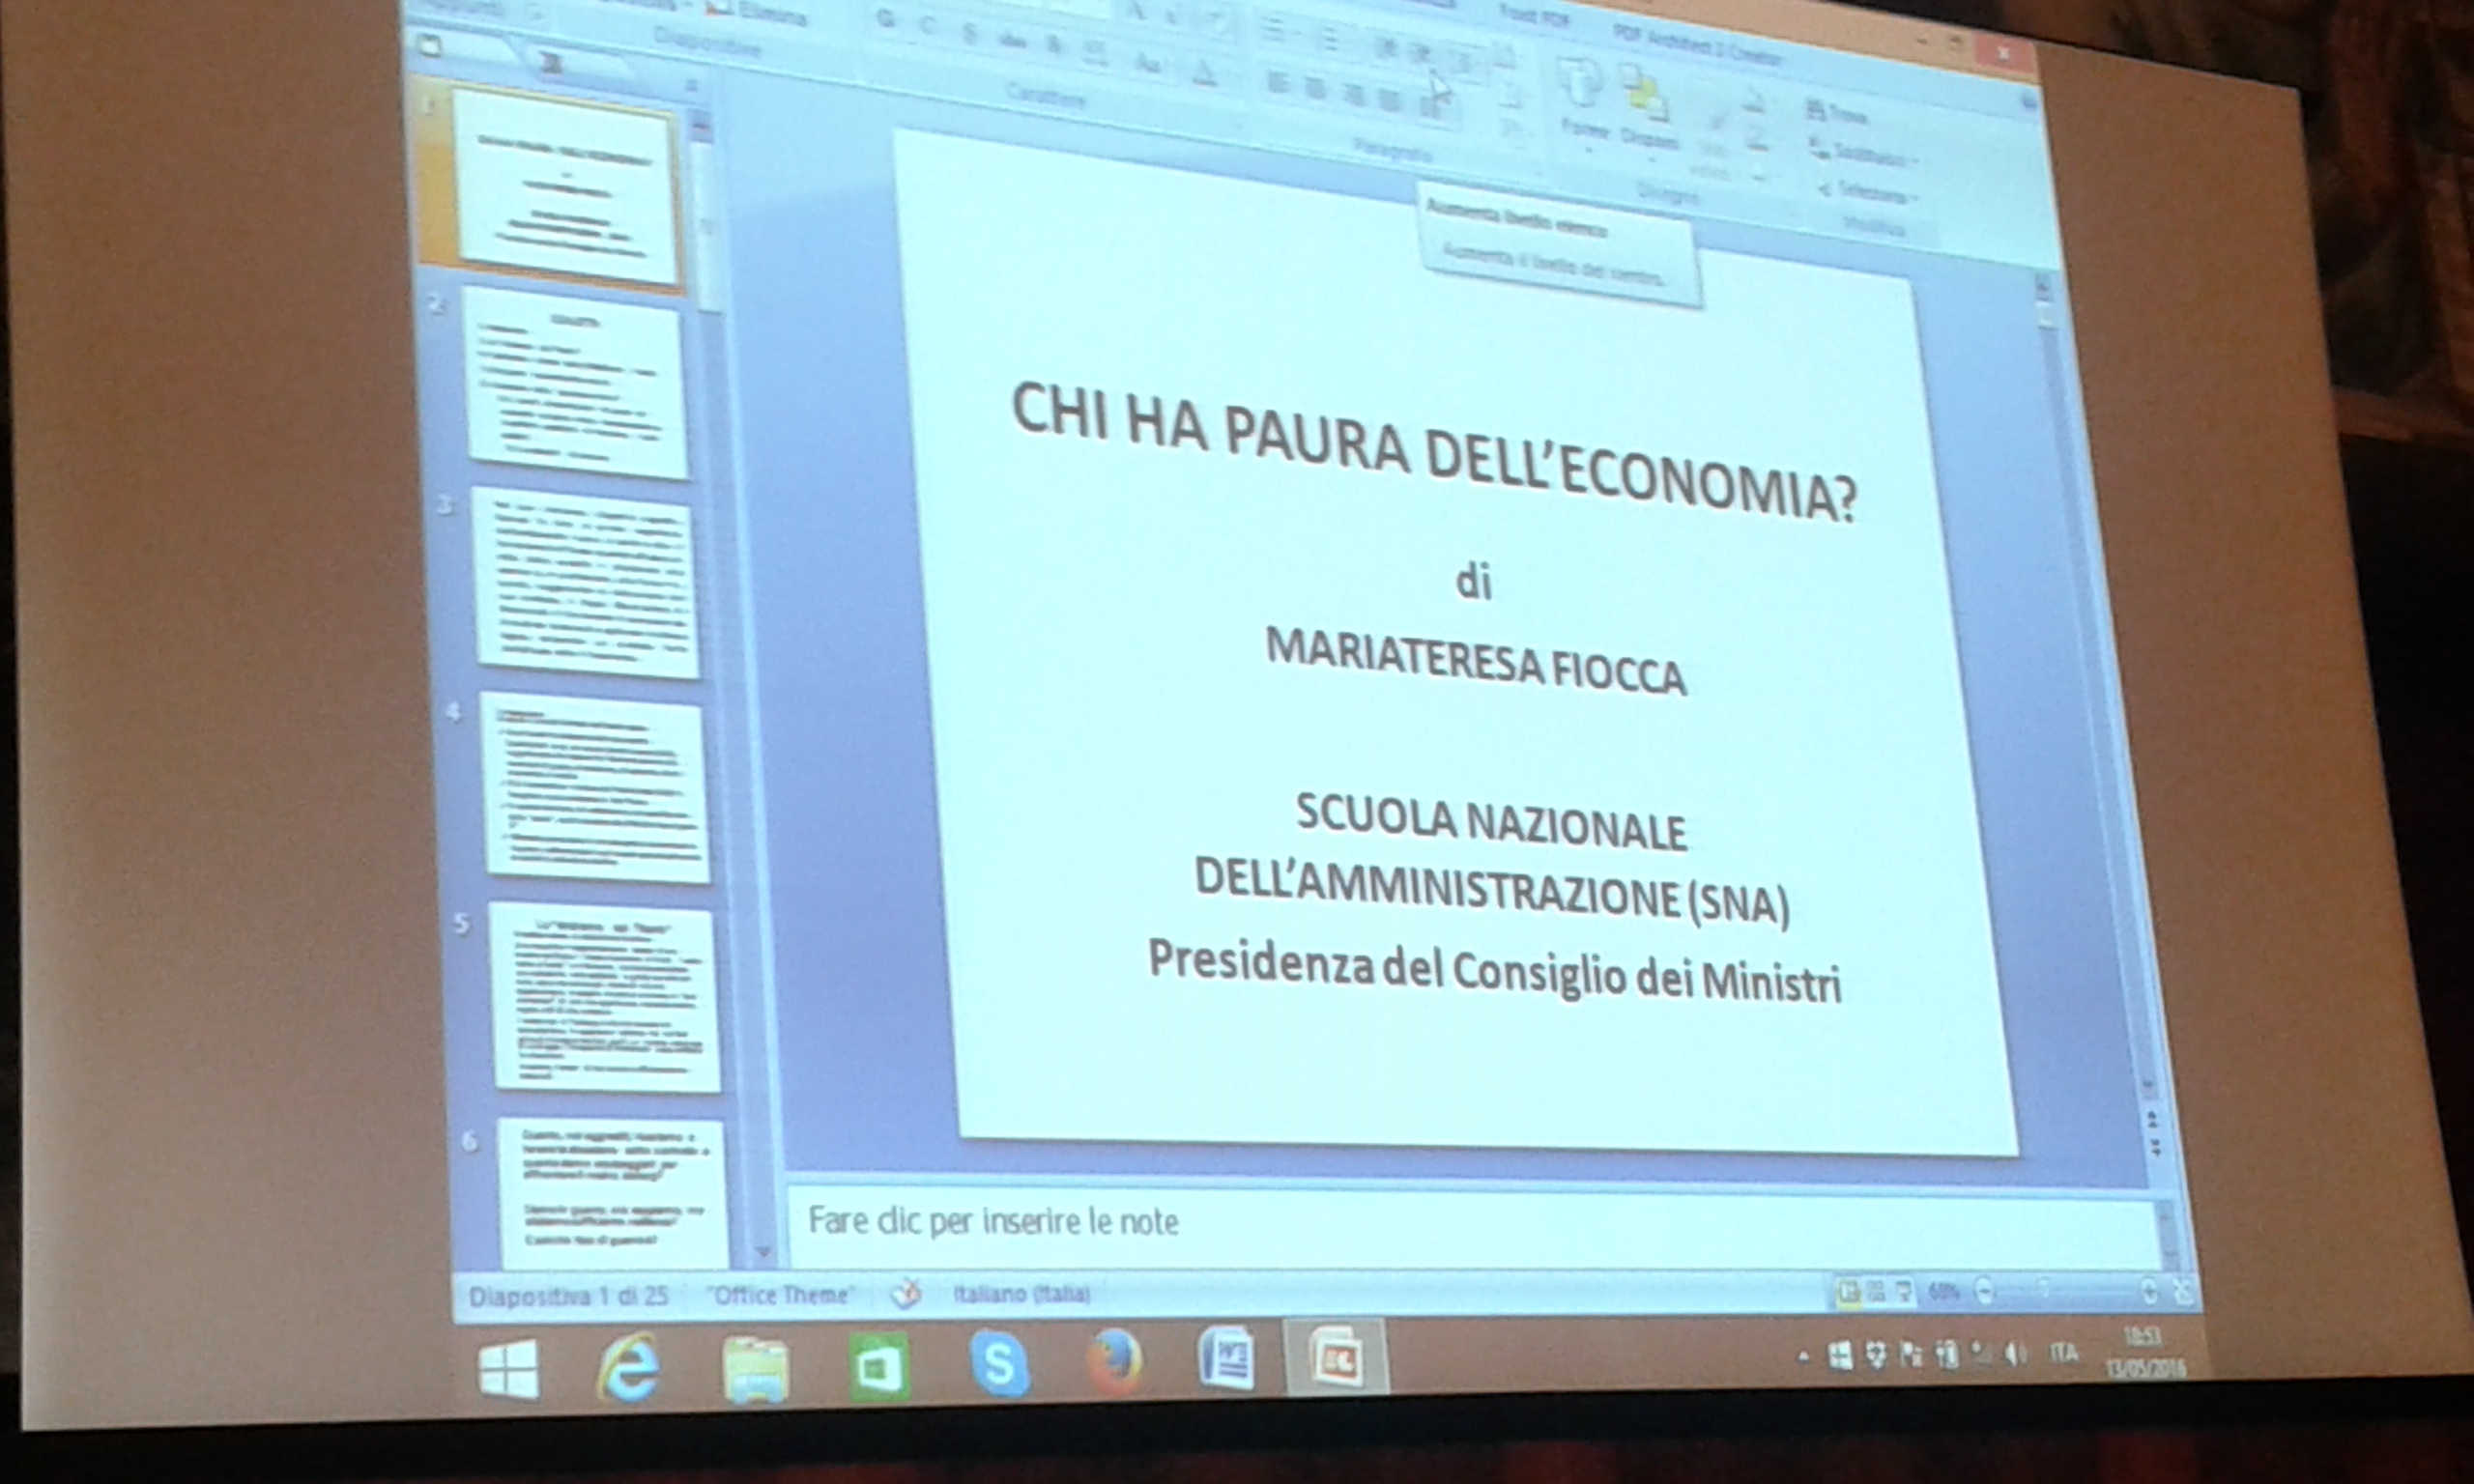 Chi ha paura dell'economia? - Foto1